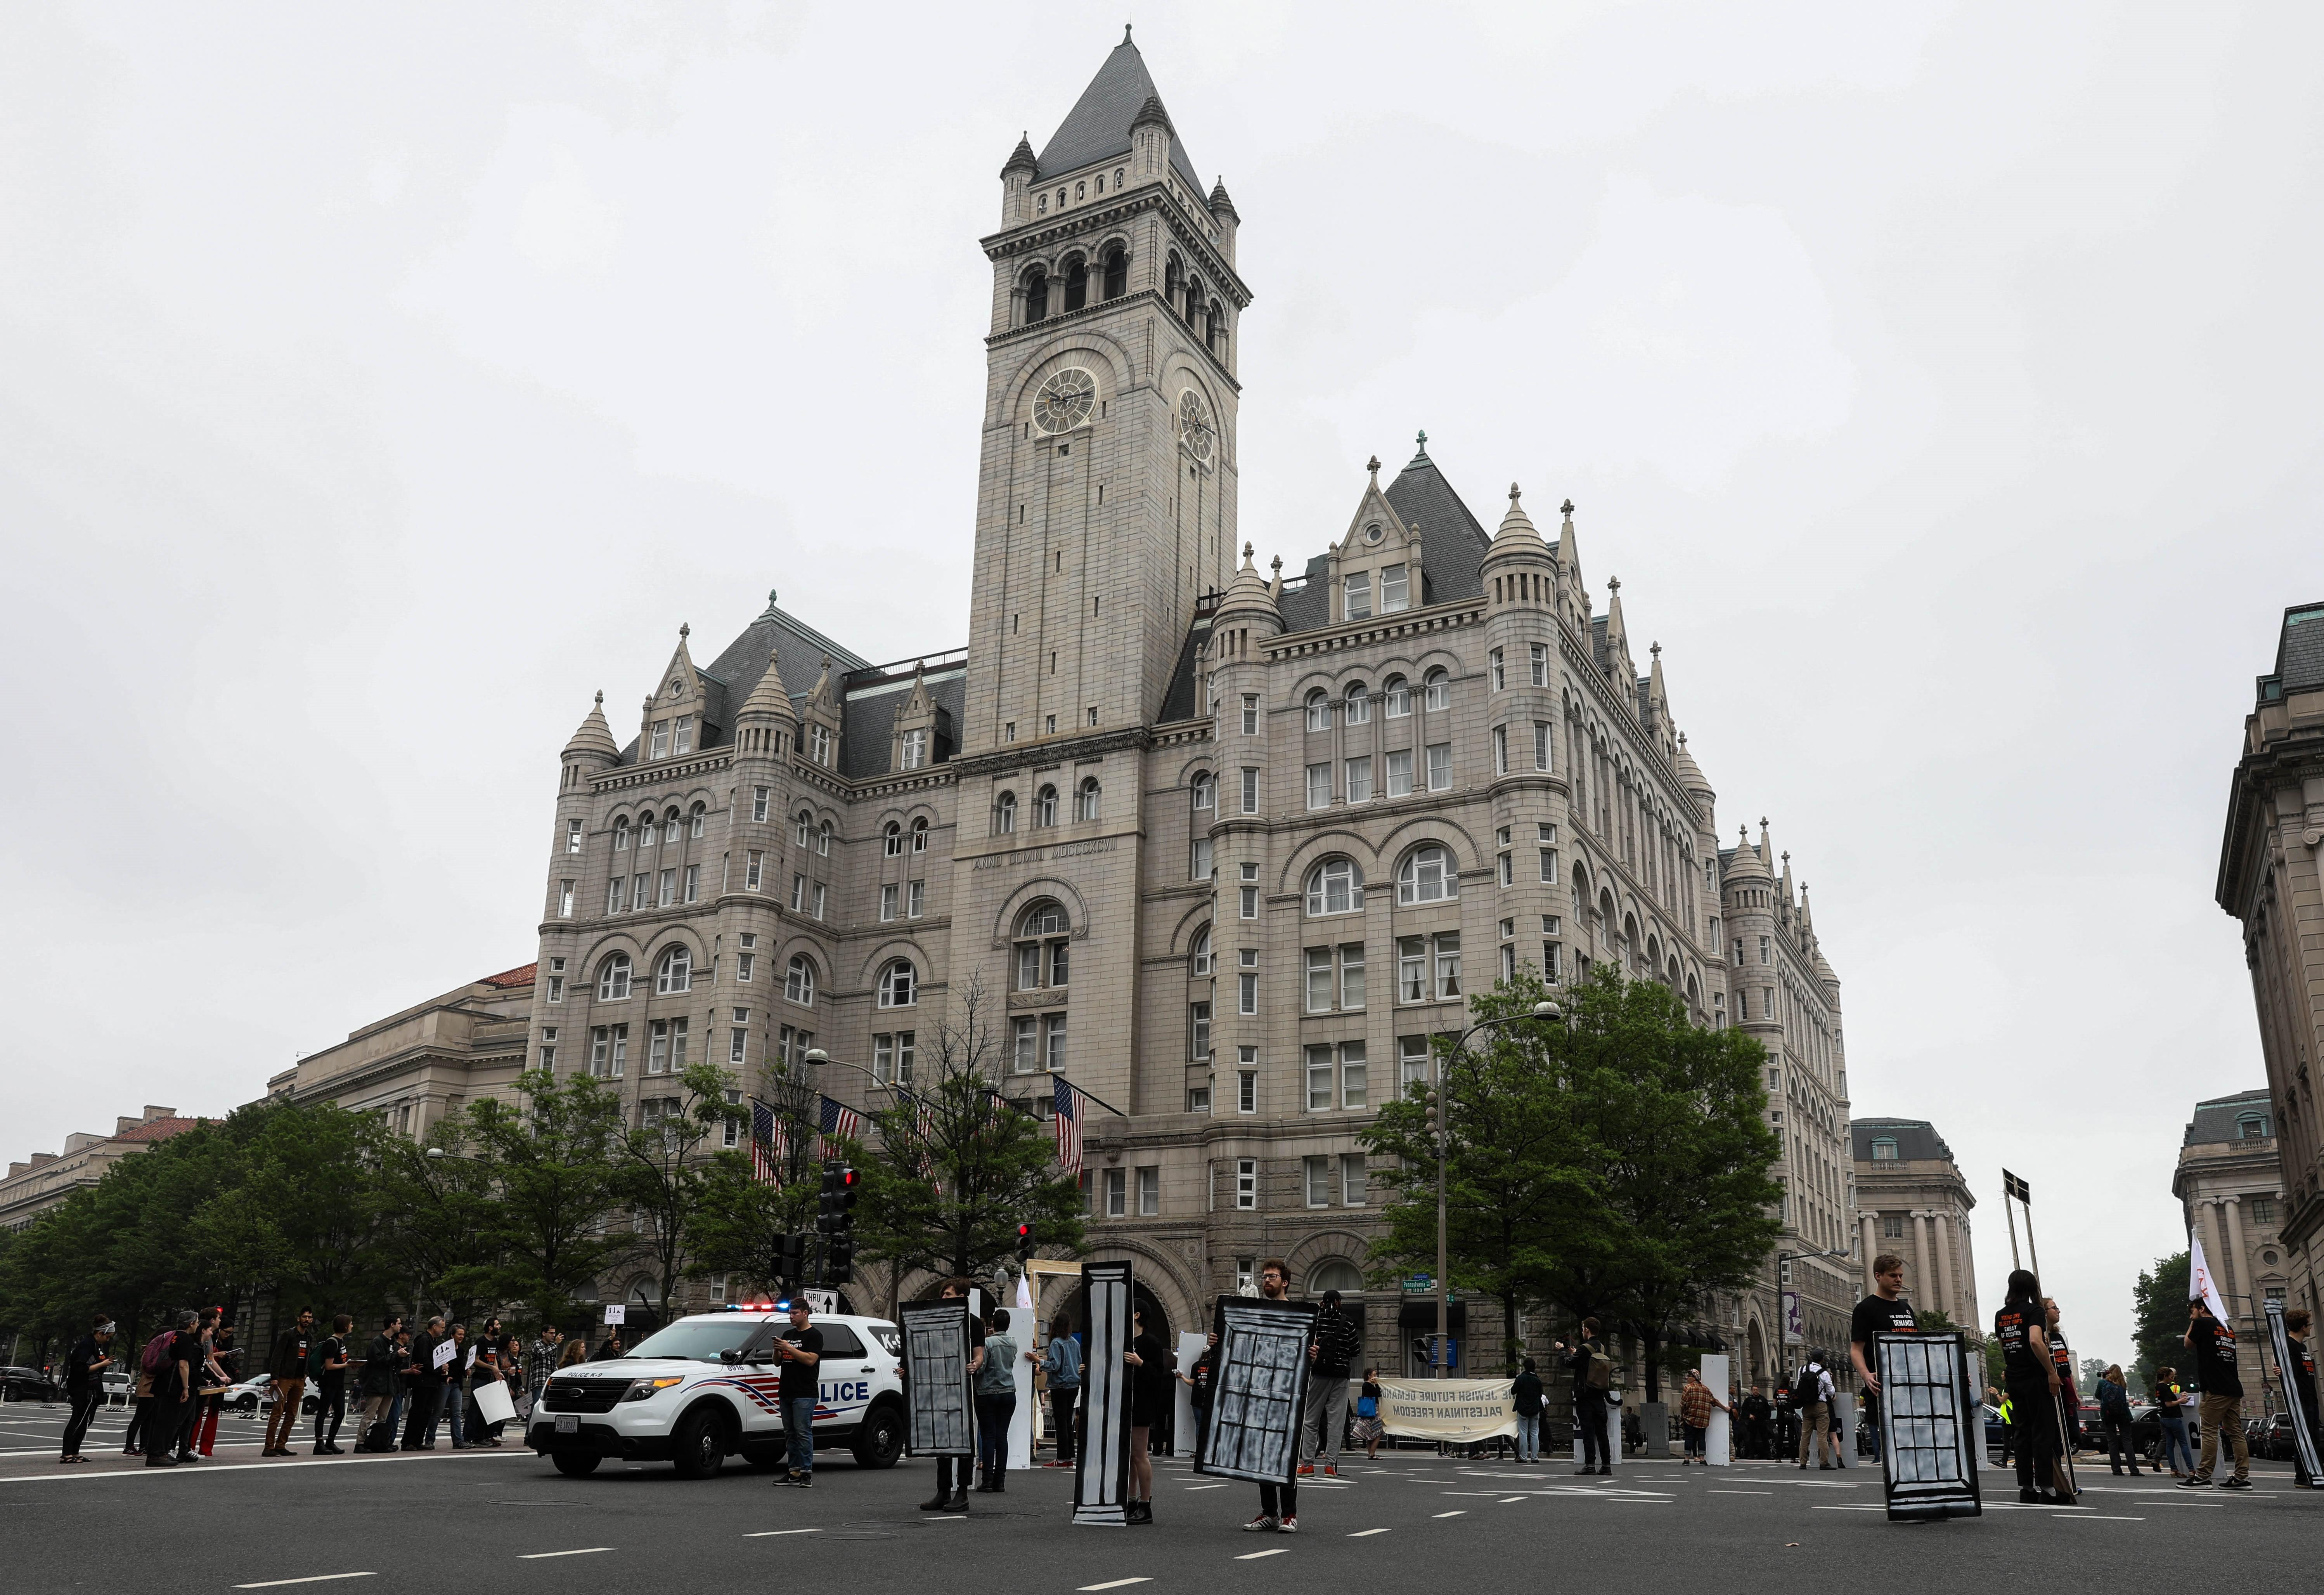 Eladó a washingtoni Trump hotel bérleti joga